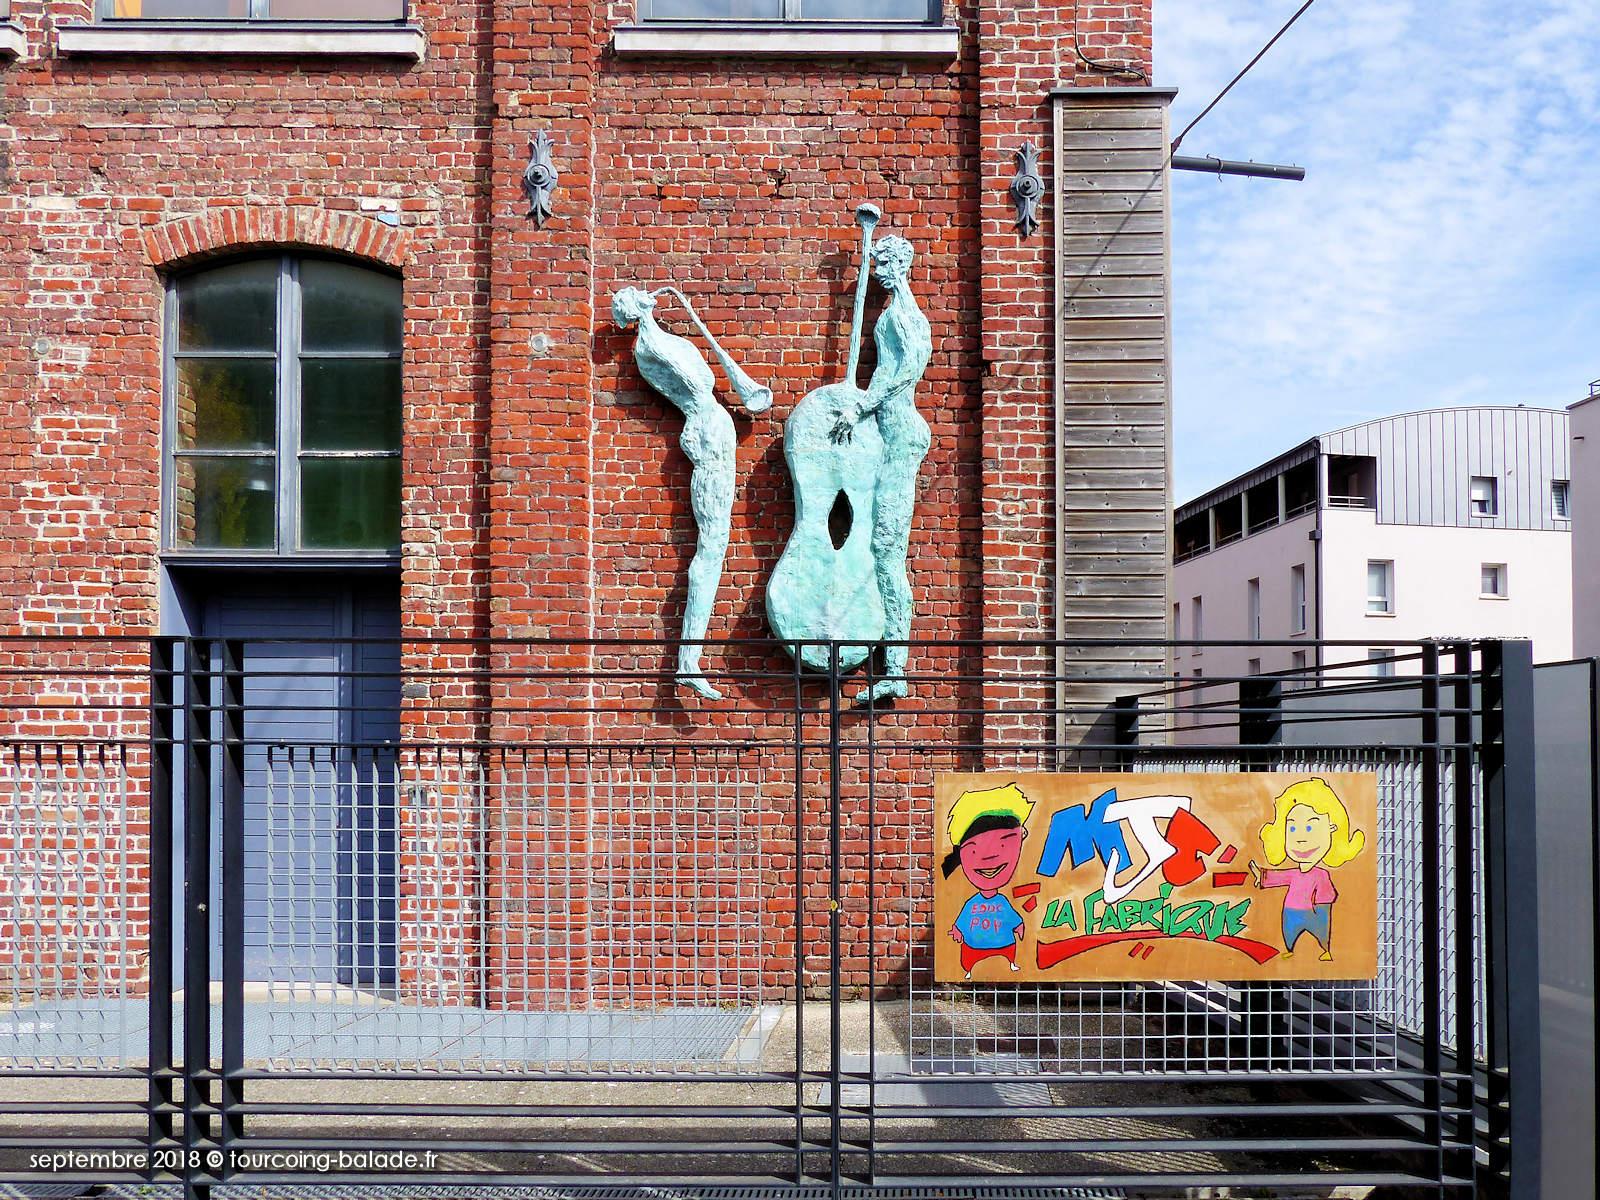 MJC La Fabrique, Tourcoing 2018